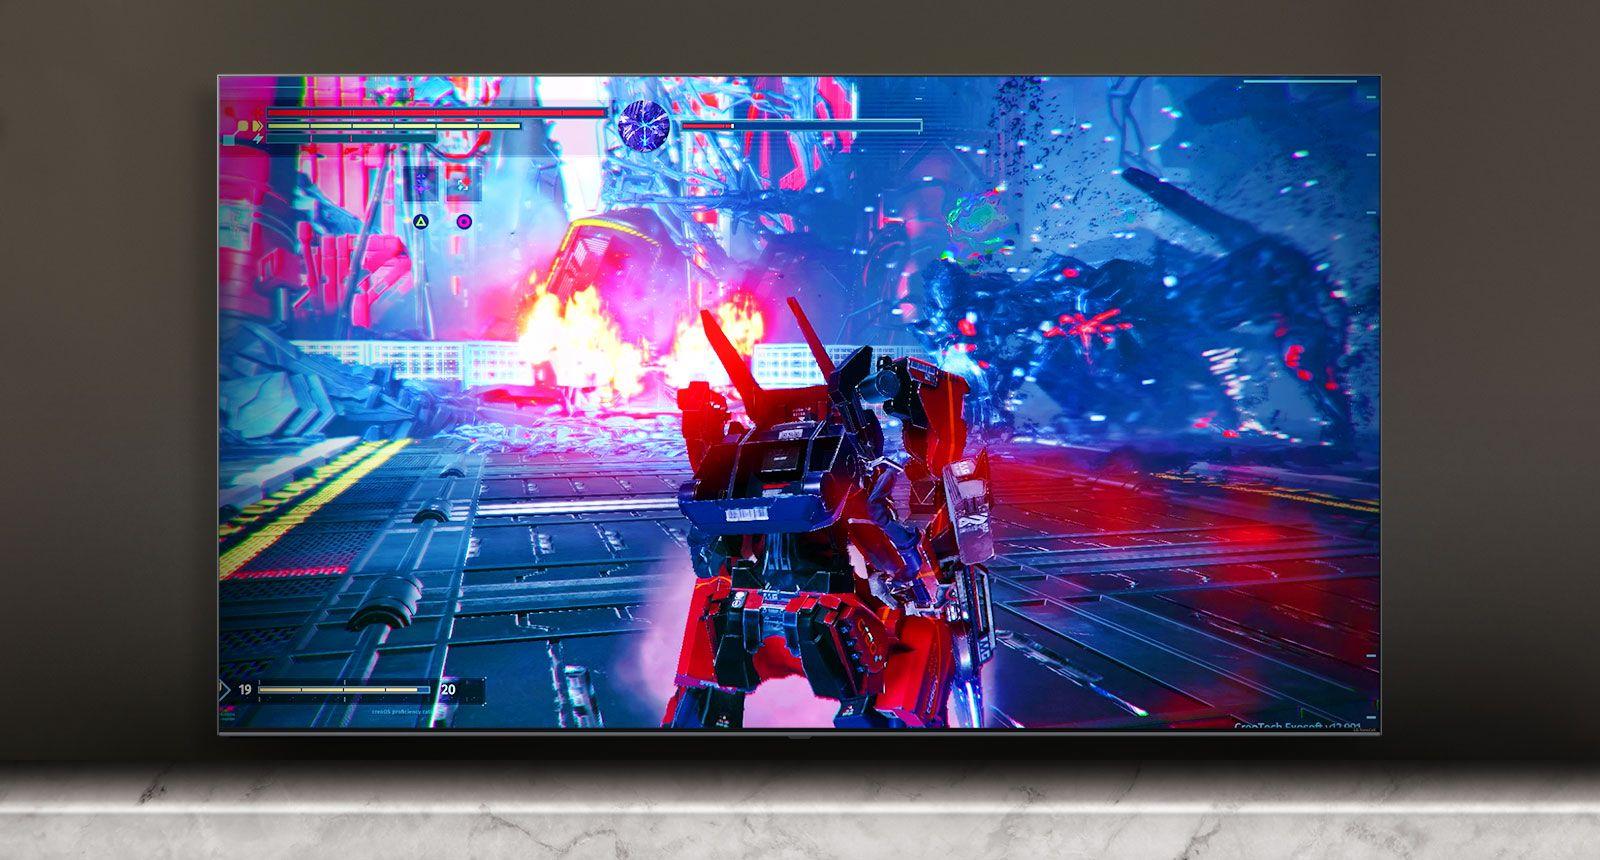 Fernseher, der eine Kampfszene aus einem Spiel anzeigt